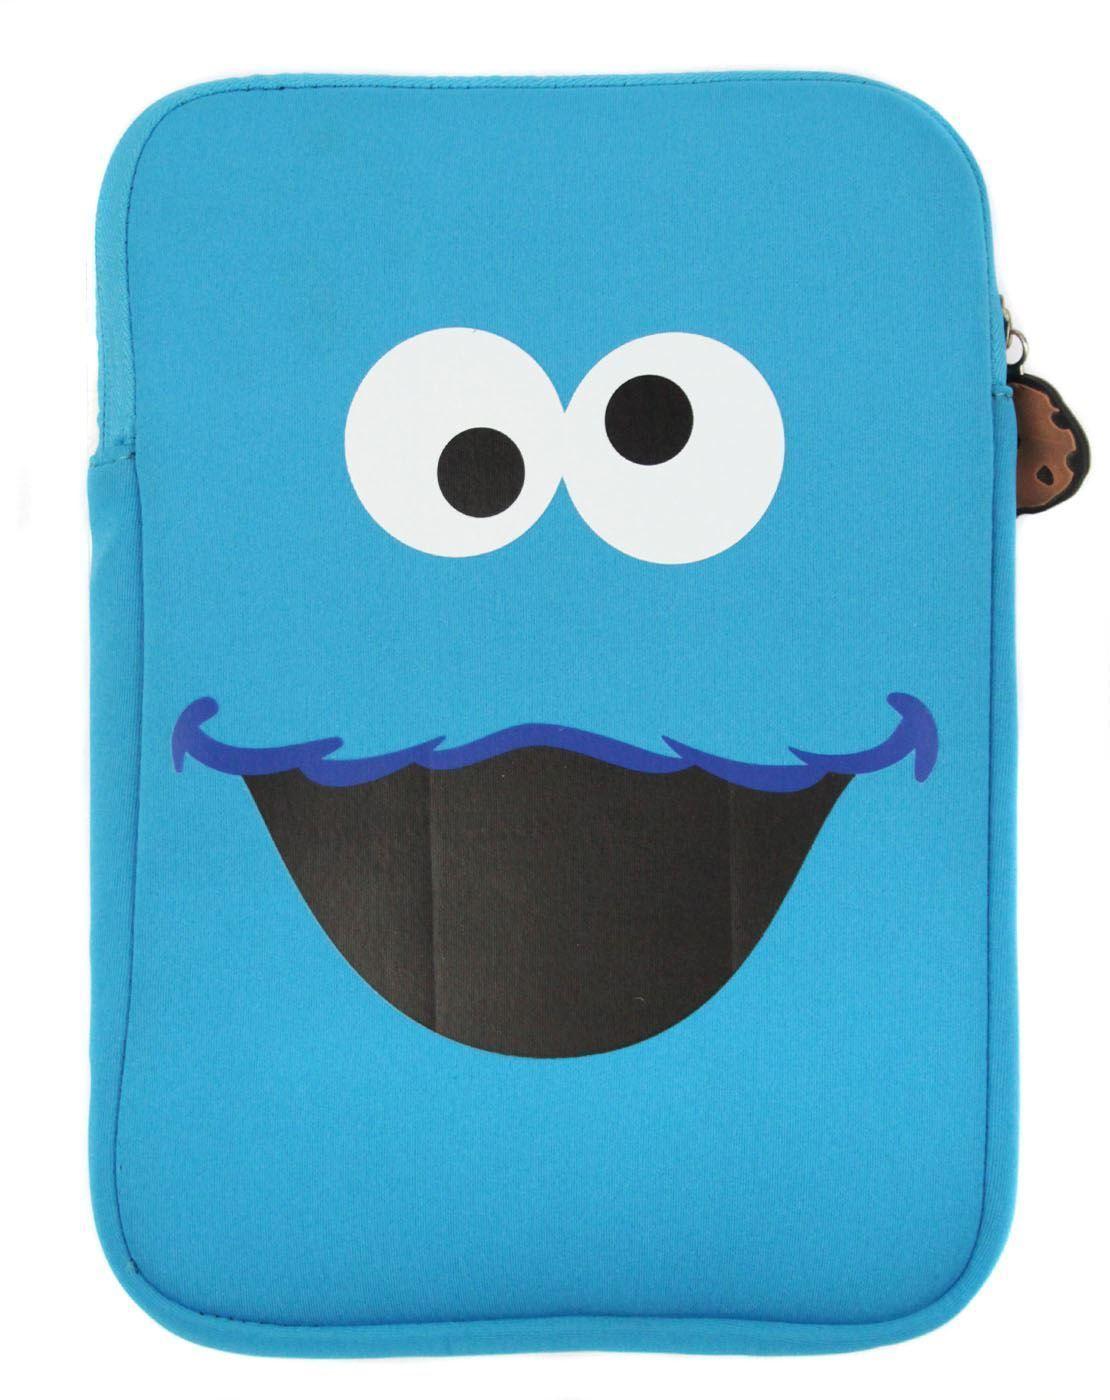 Sesame Street Cookie Monster Tablet Sleeve